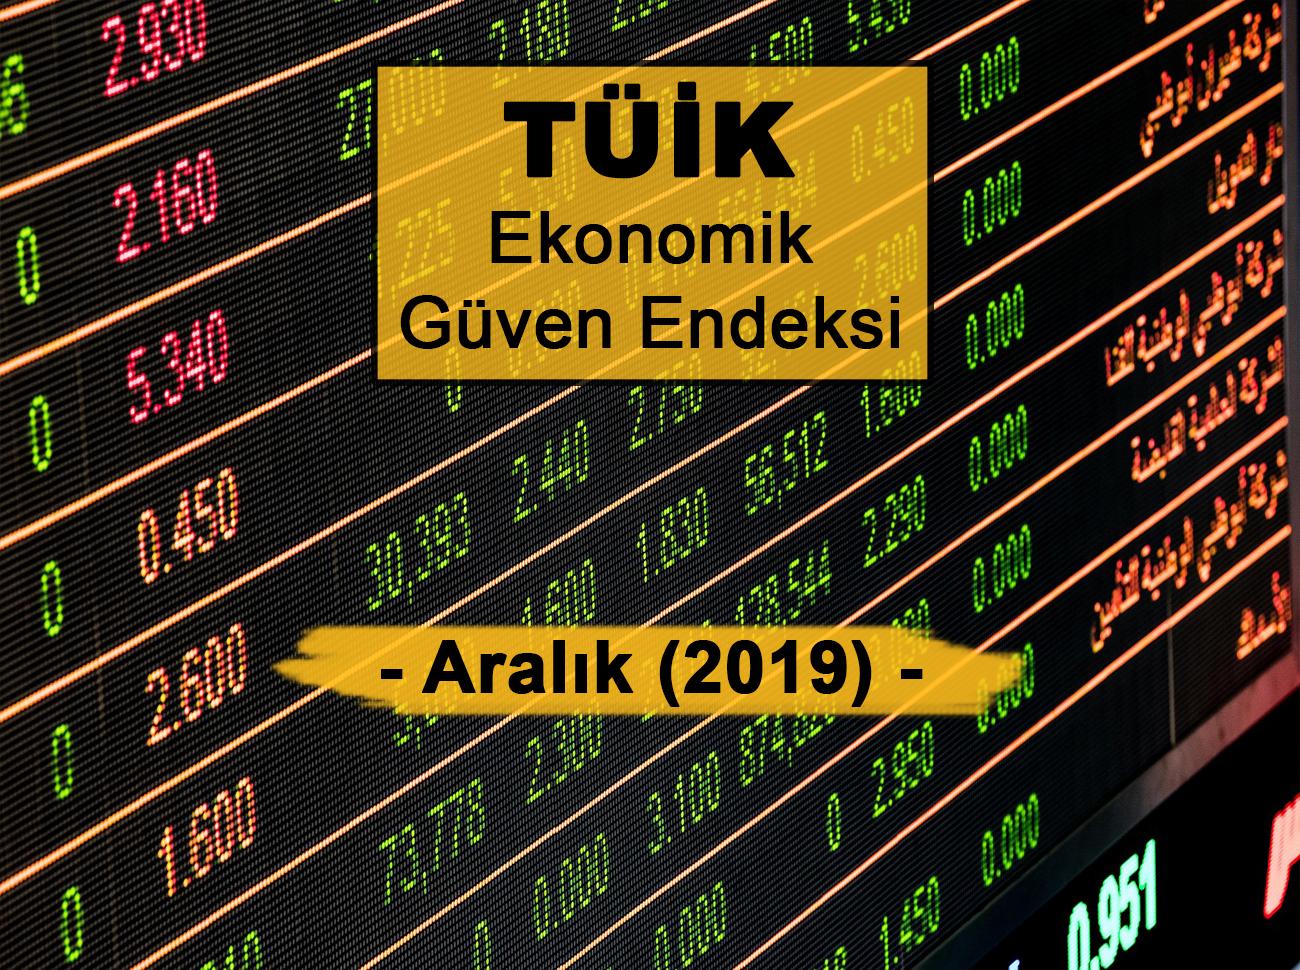 Ekonomik Güven Endeksi (Aralık 2019)